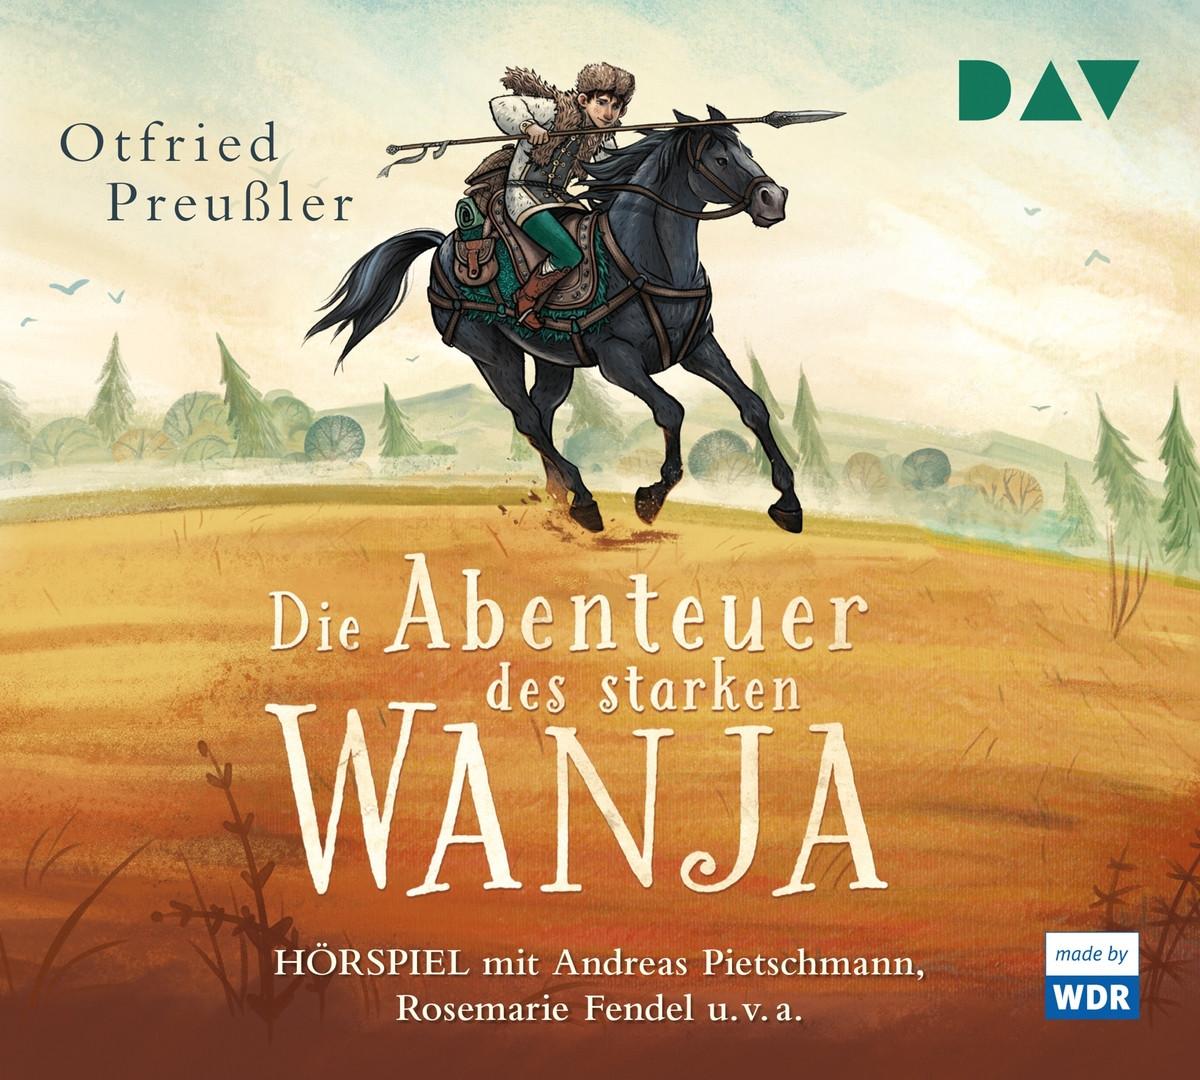 Otfried Preußler - Die Abenteuer des starken Wanja (Hörspiel des WDR)